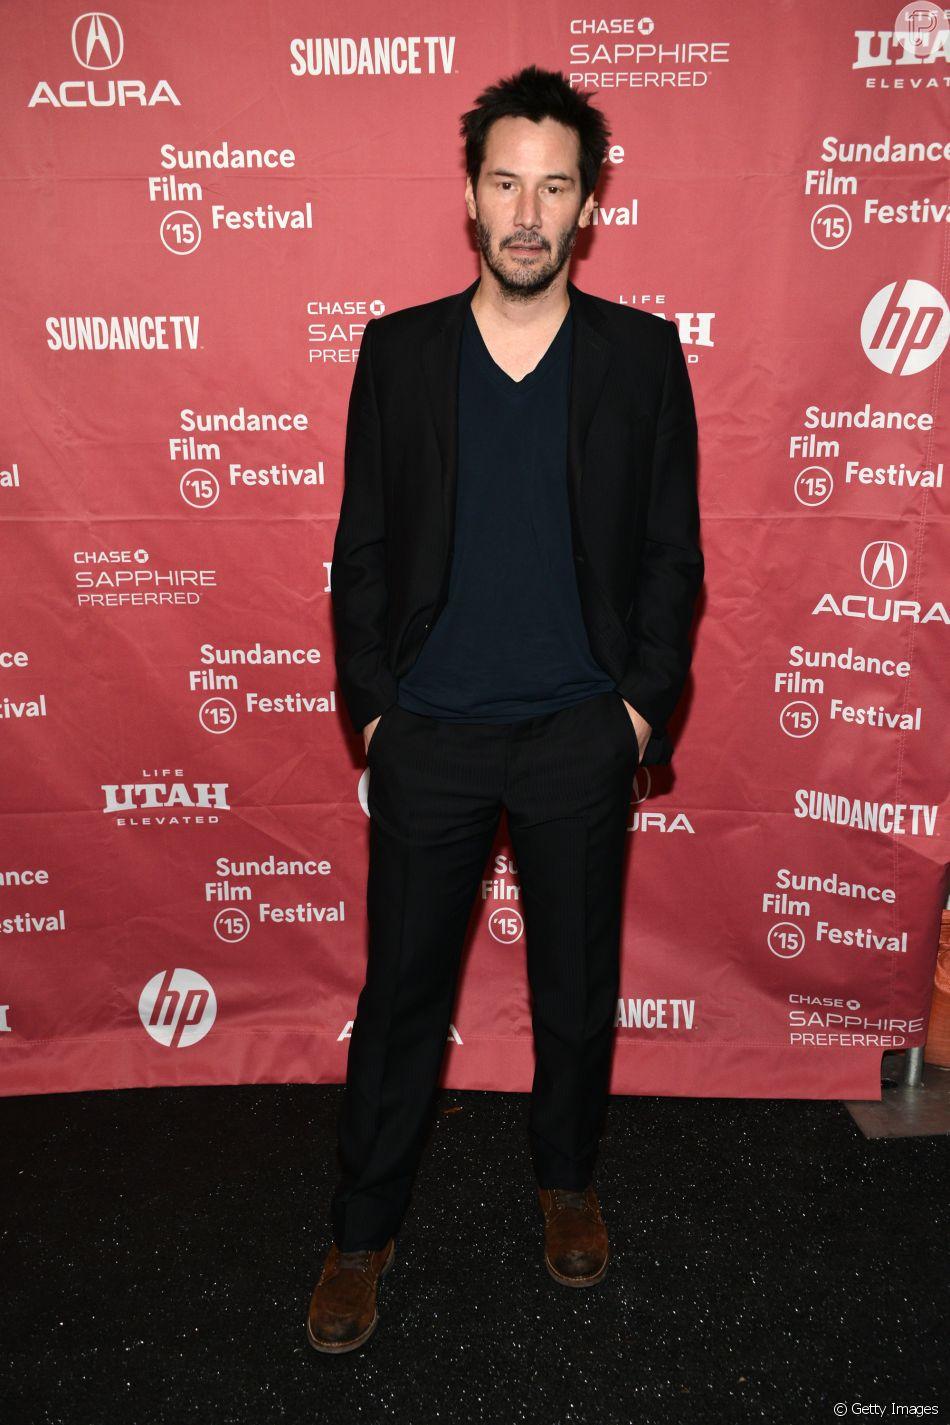 Keanu Reeves ganhou apoio nas redes sociais após assumir novo namoro